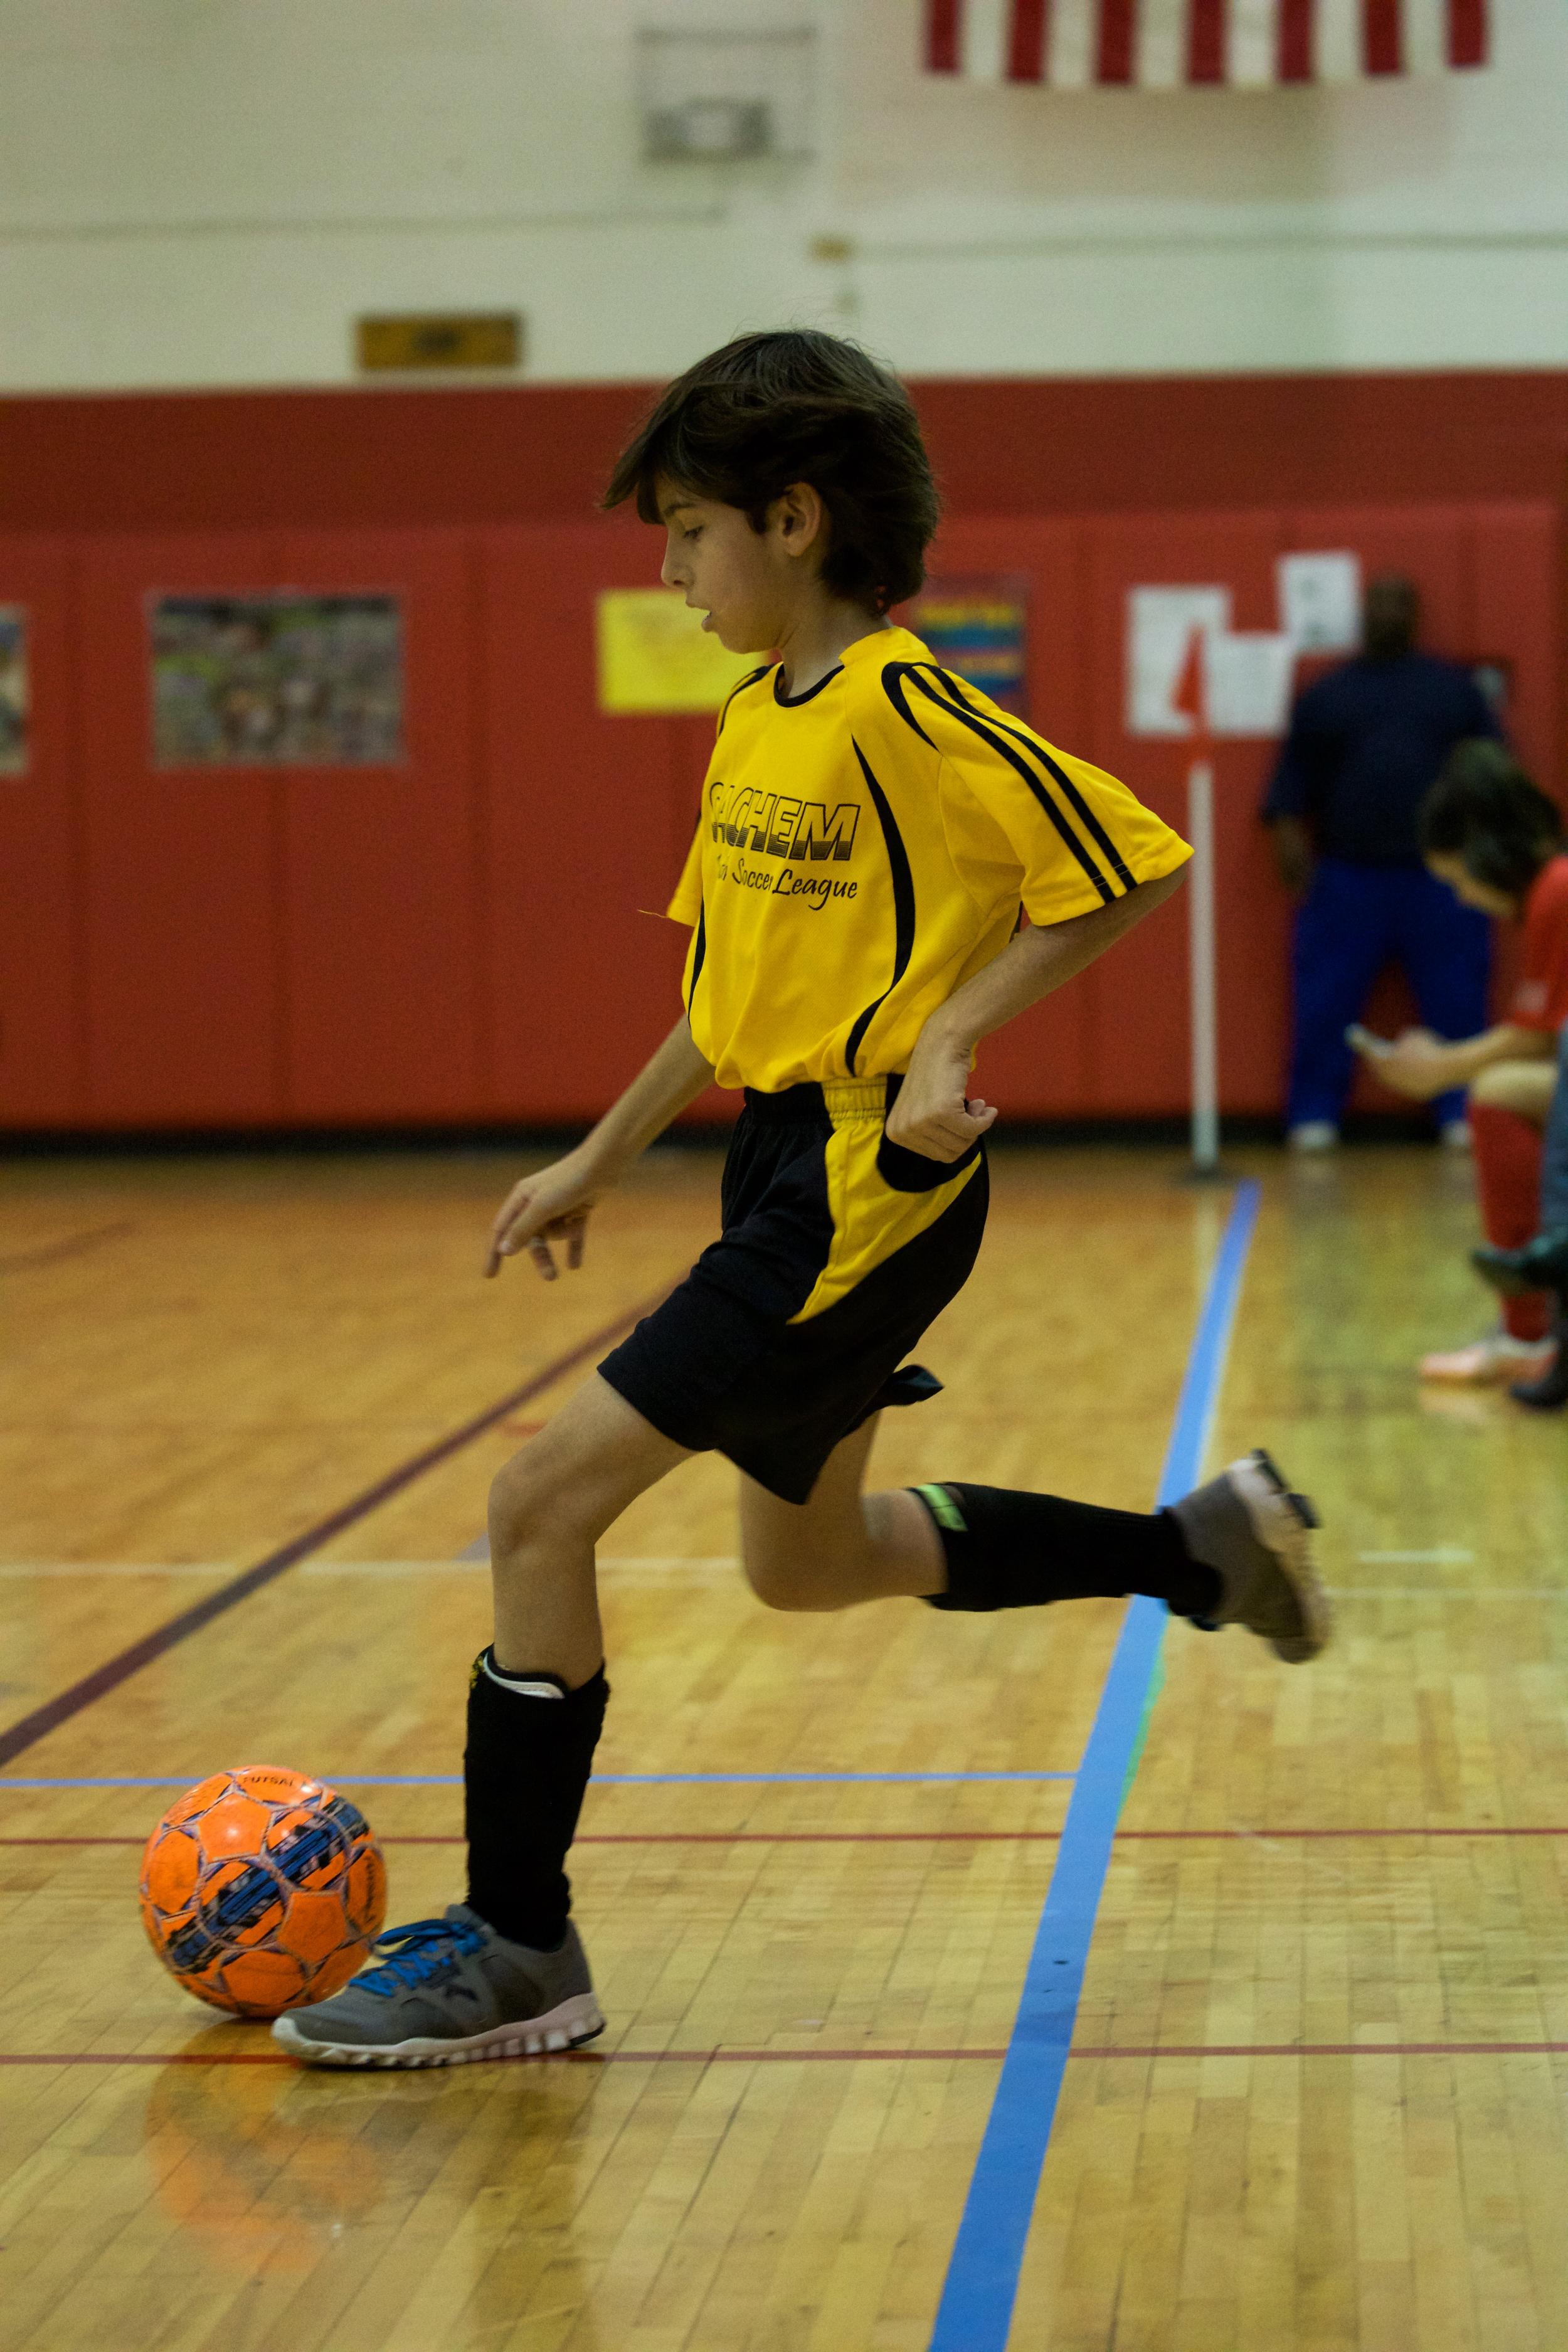 soccer 3 (33 of 36).jpg